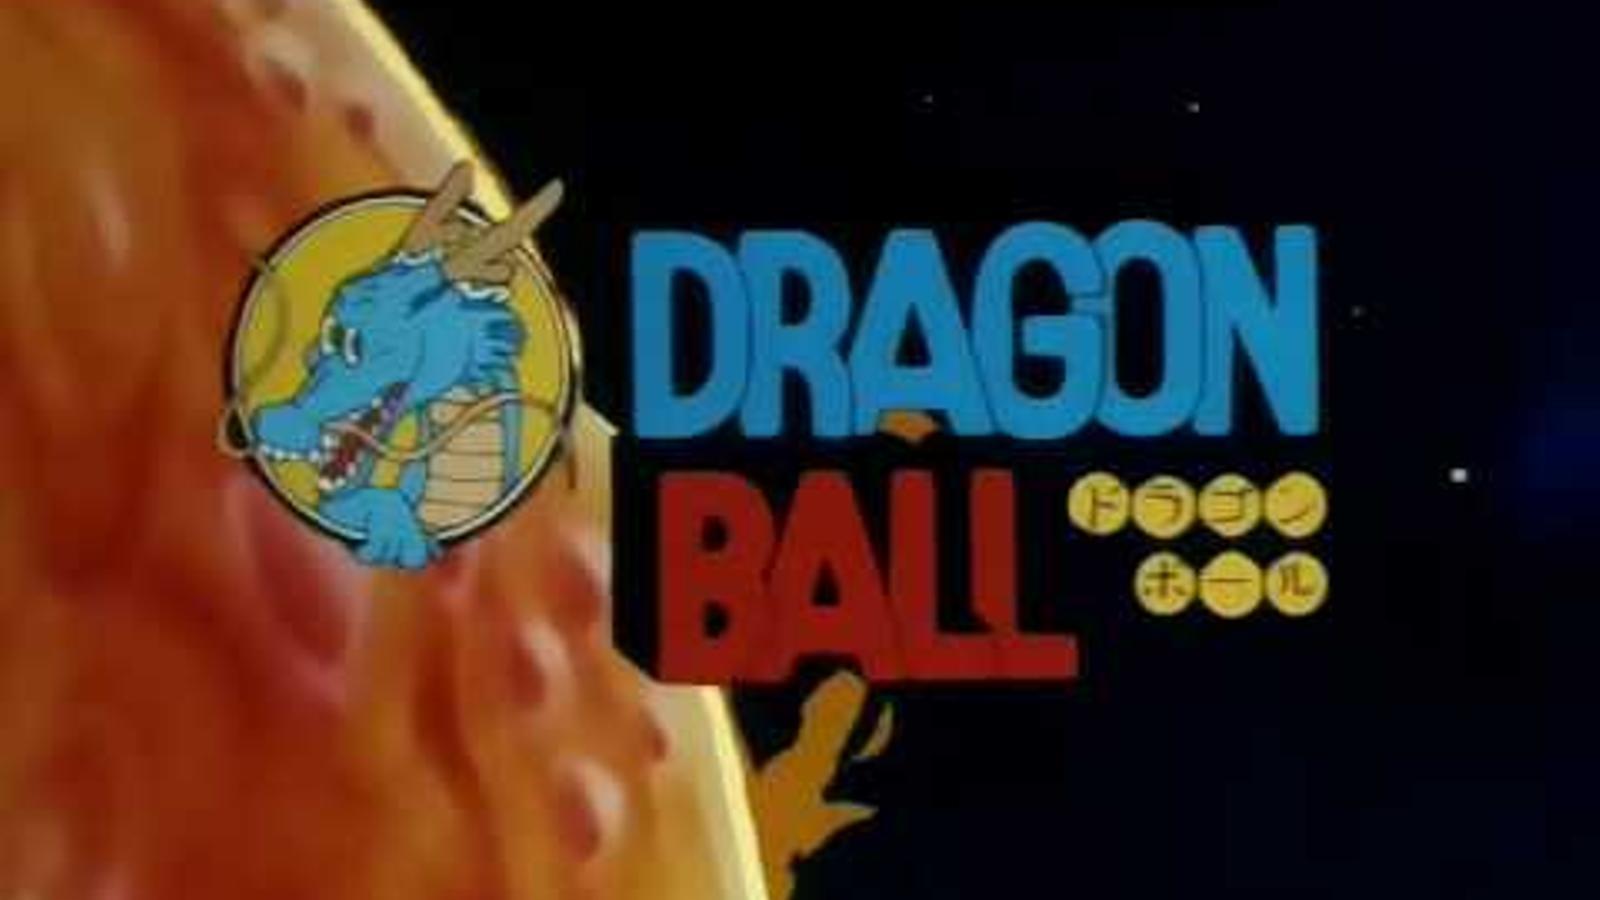 Es compleixen 30 anys de l'estrena de 'Bola de drac' en català